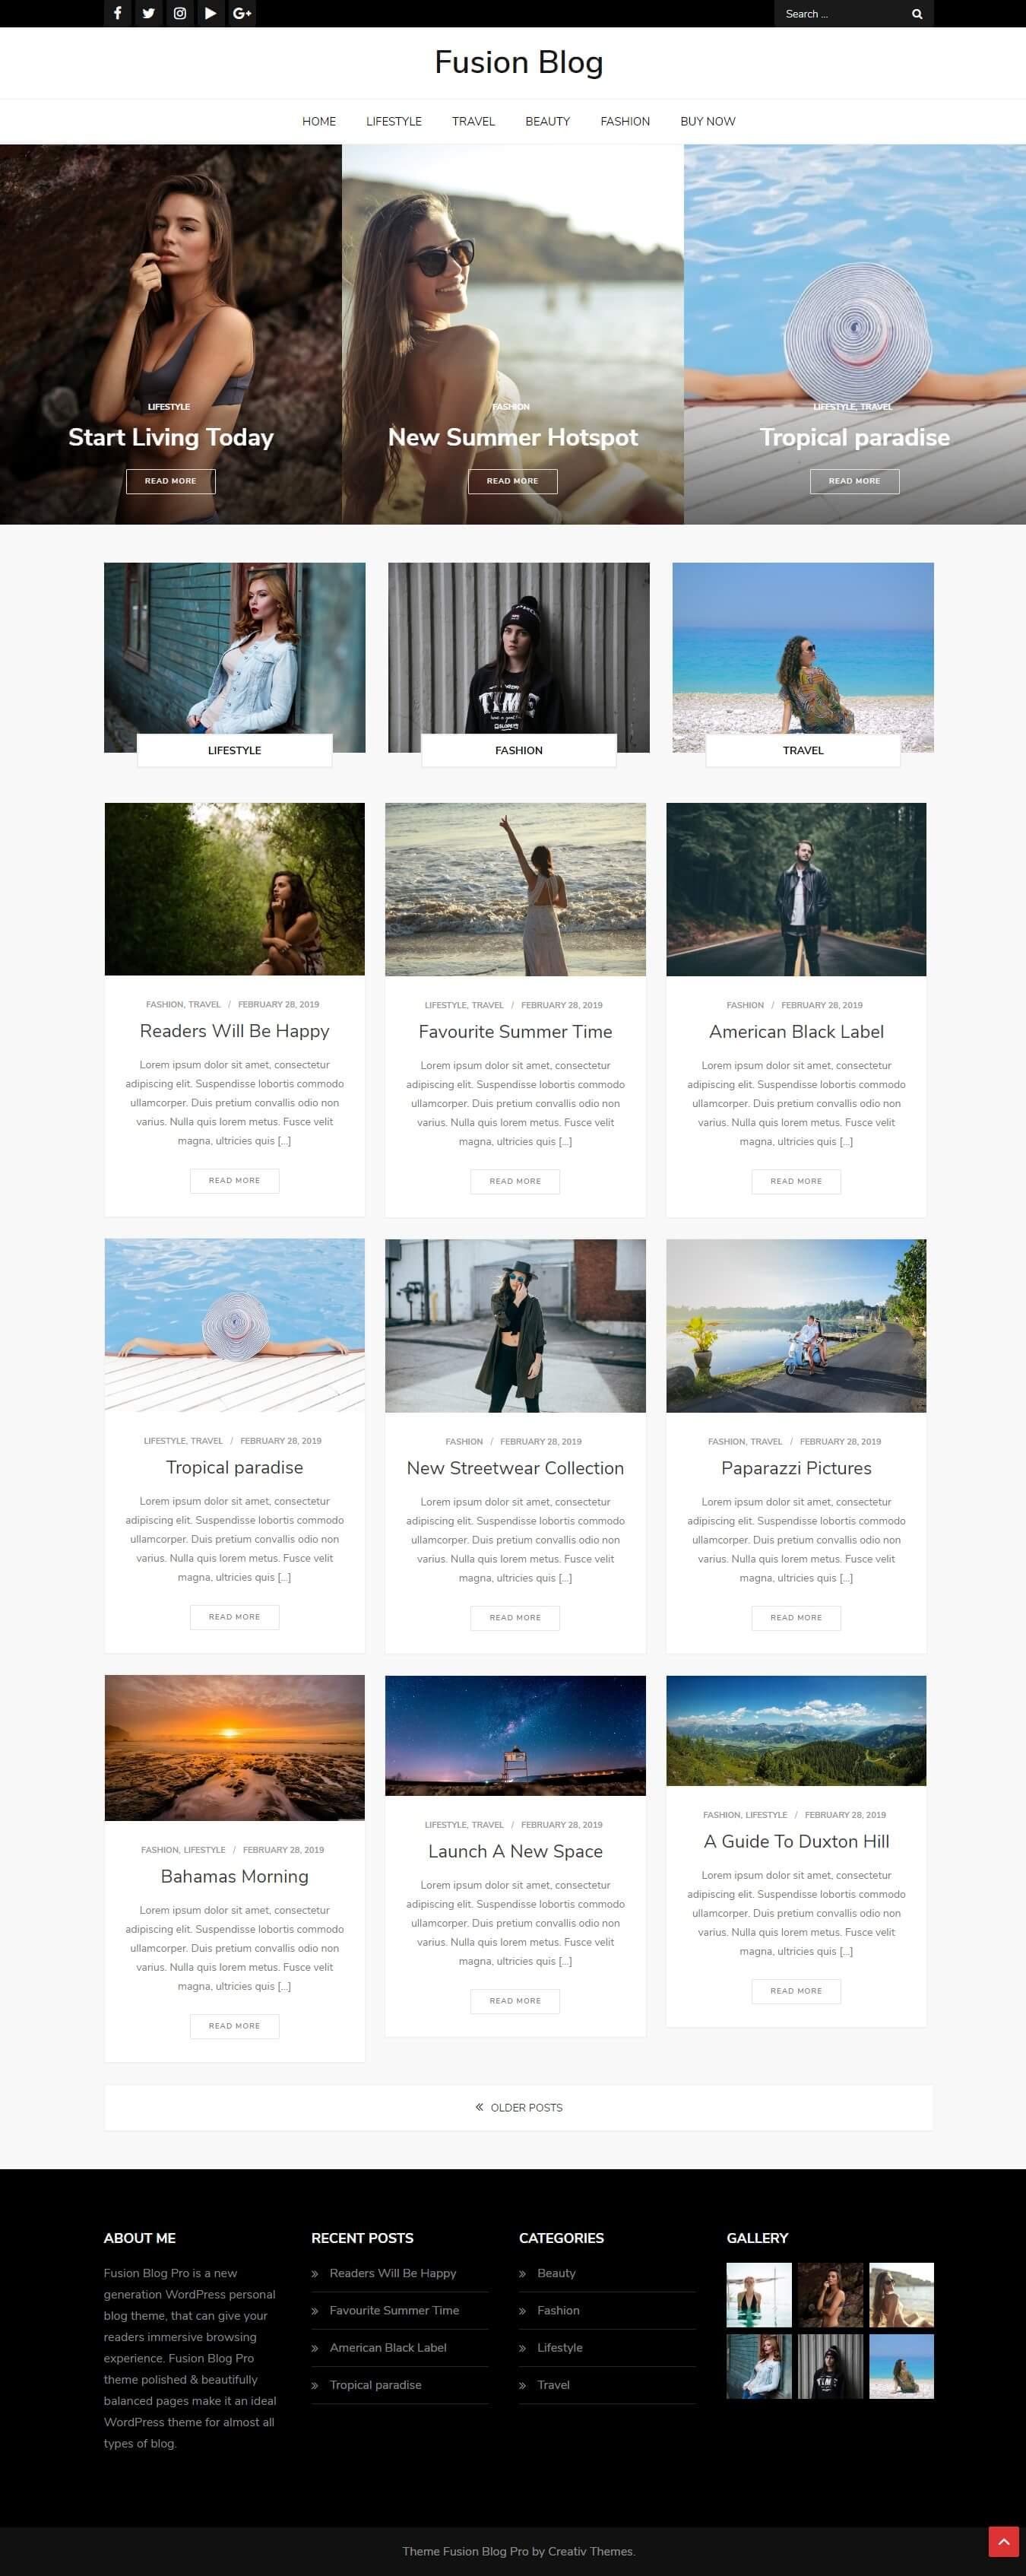 Fusion Blog